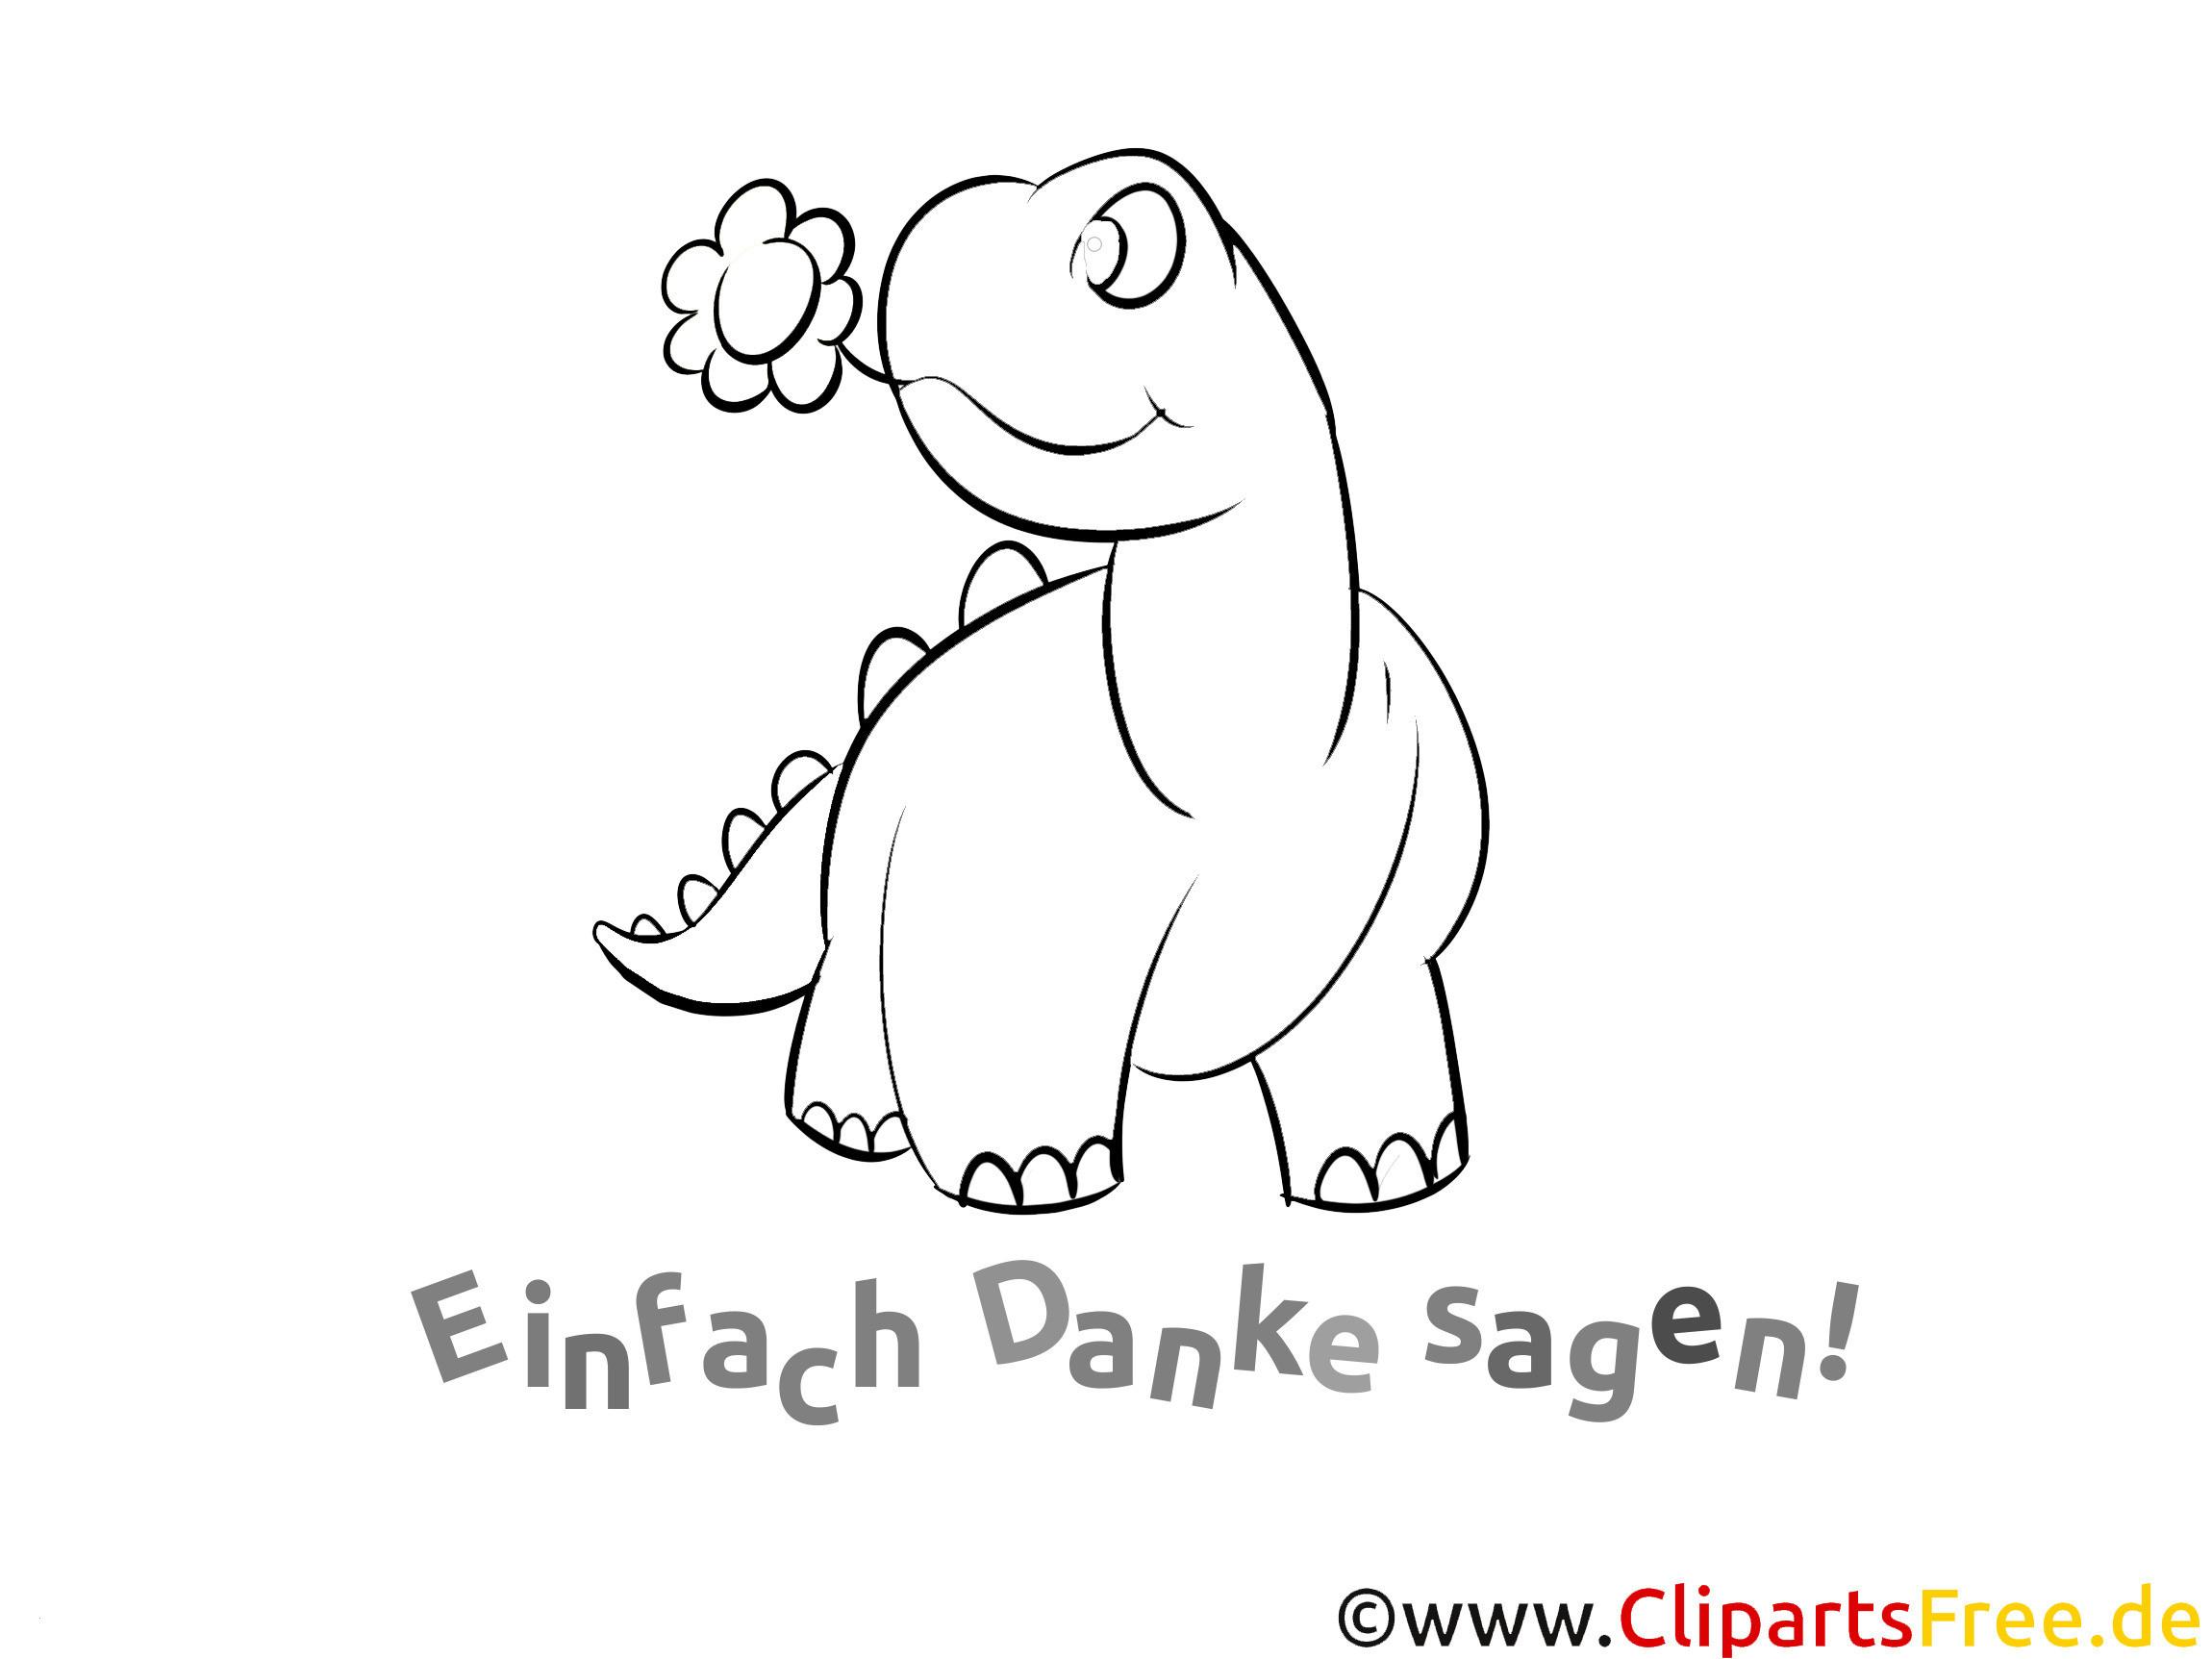 Frohe Ostern Bilder Zum Ausmalen Das Beste Von Wrestling Ausmalbilder Frisch Dinosaurier Ausmalbilder Dankworte Zum Das Bild